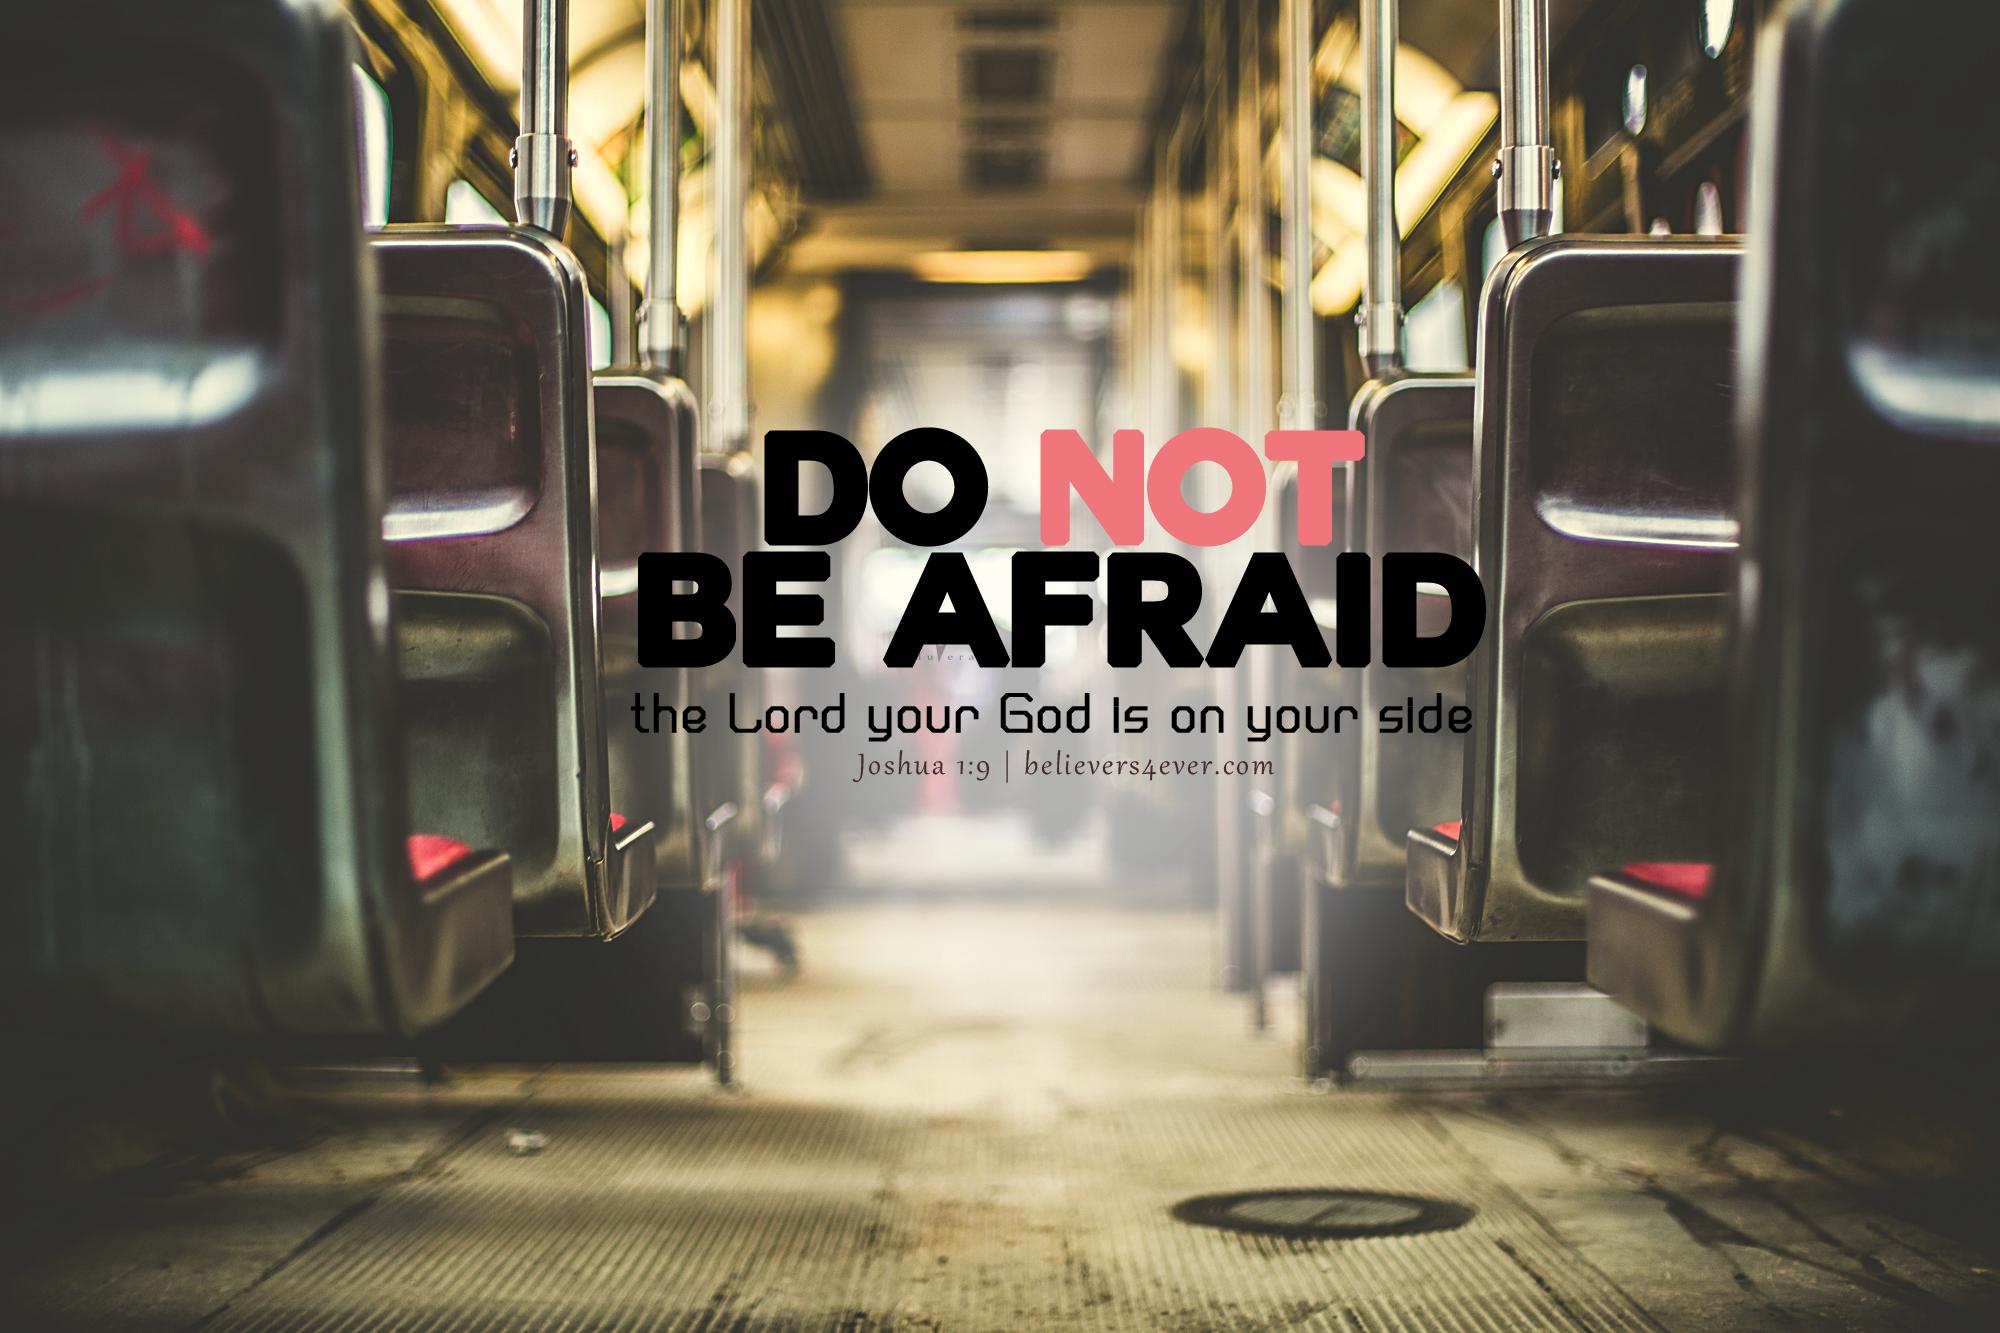 Do Not Be Afraid Joshua - Desktop Background Bible Verse Wallpaper For Desktop - HD Wallpaper